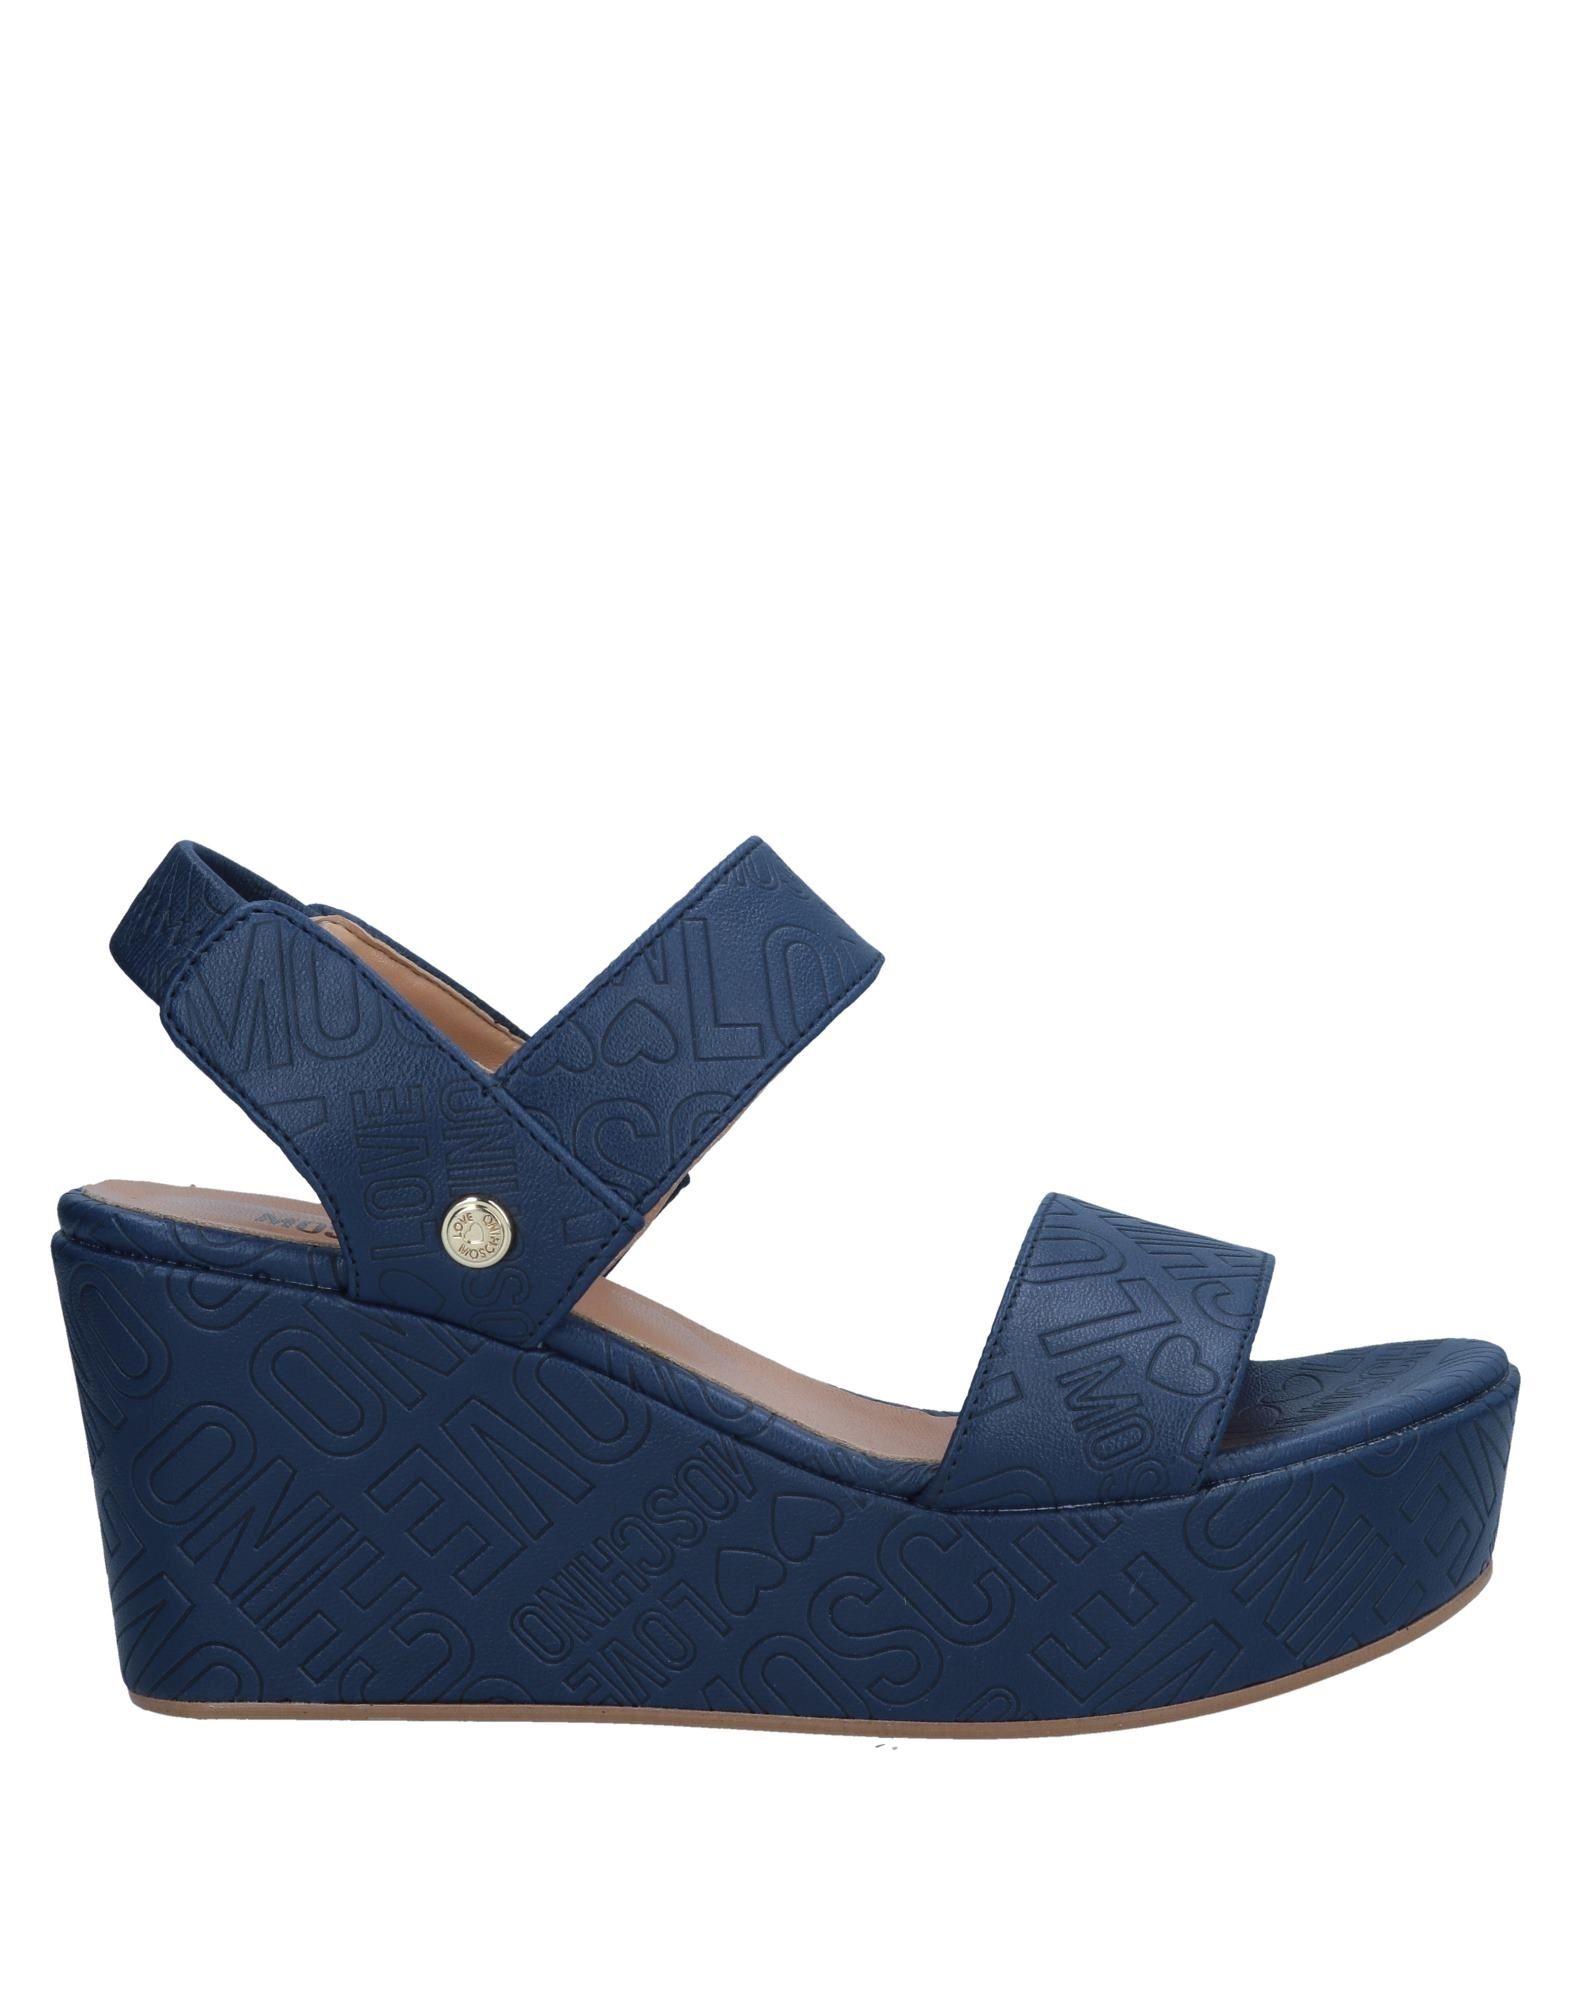 Love Moschino Moschino Sandals - Women Love Moschino Moschino Sandals online on  United Kingdom - 11326333RK 8dacd1